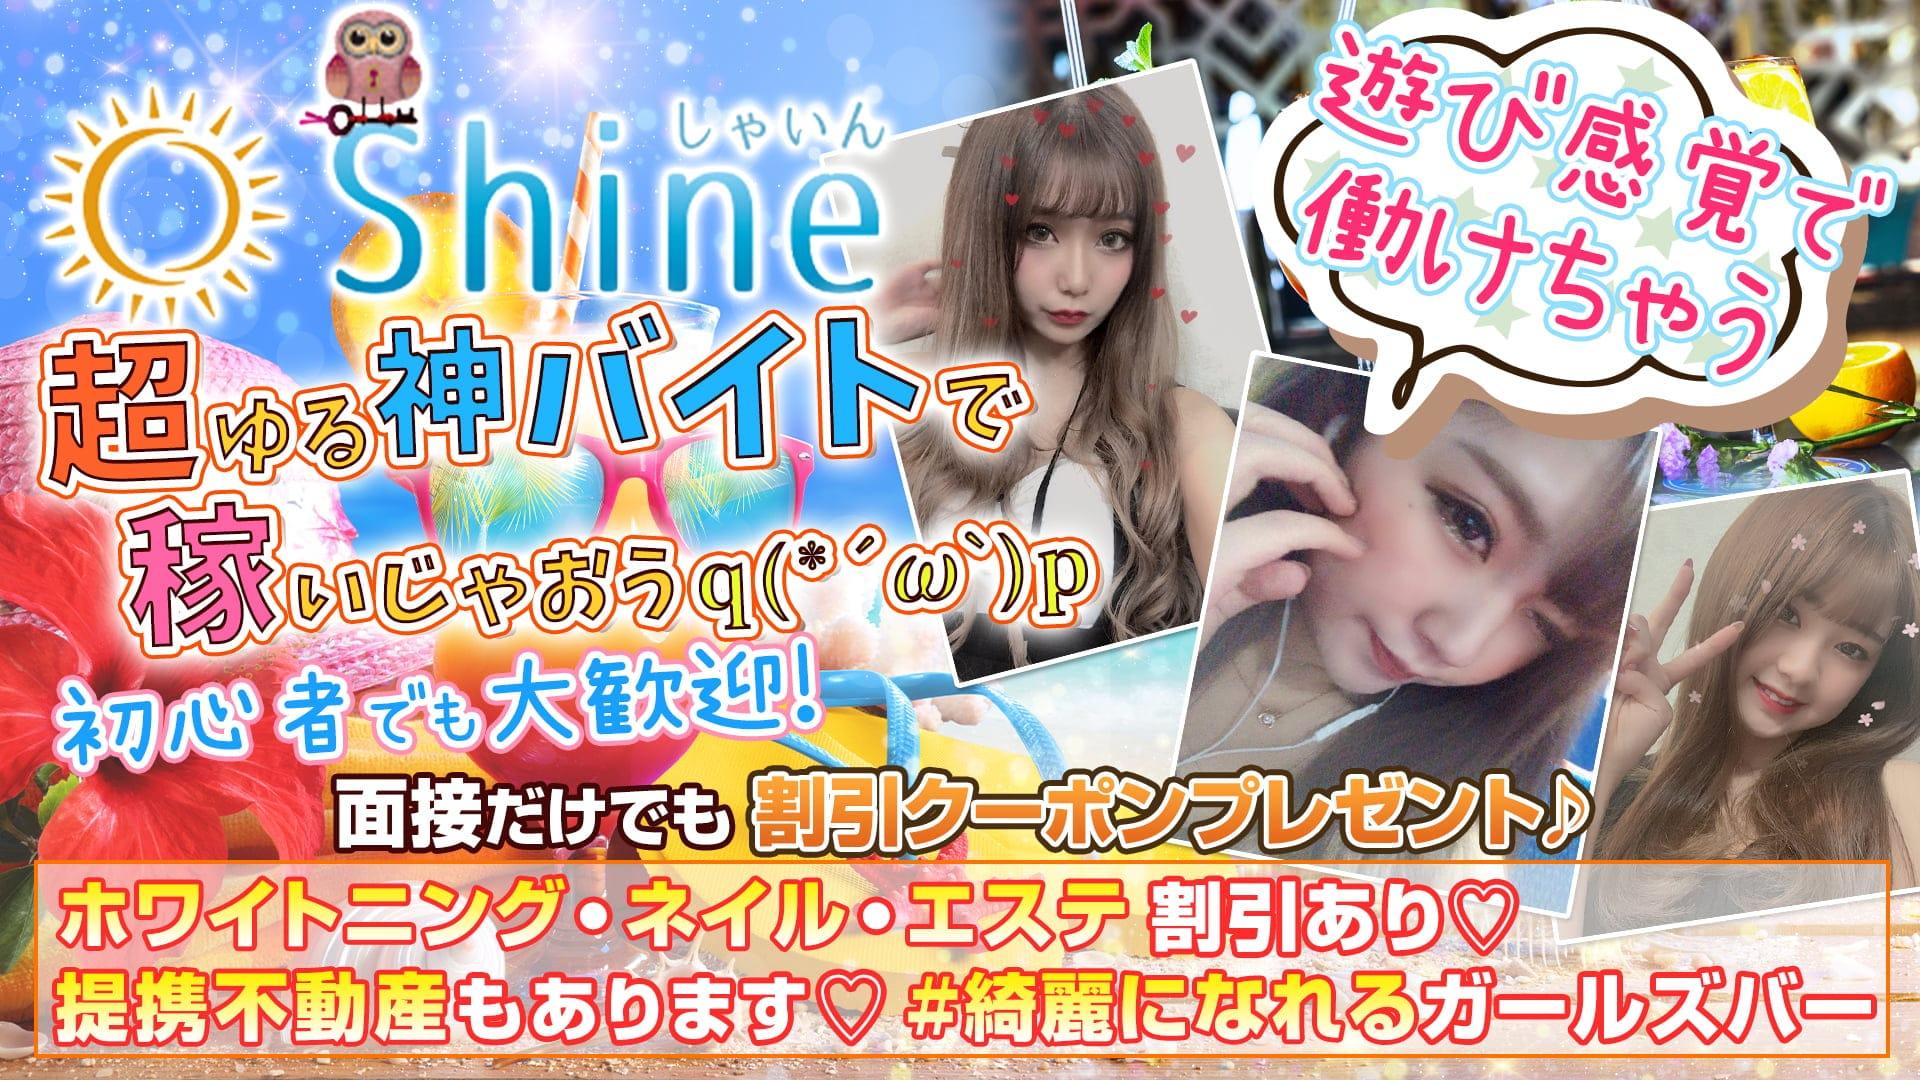 【24時間】コンカフェ Shine-しゃいん-【公式求人・体入情報】 池袋ガールズバー TOP画像